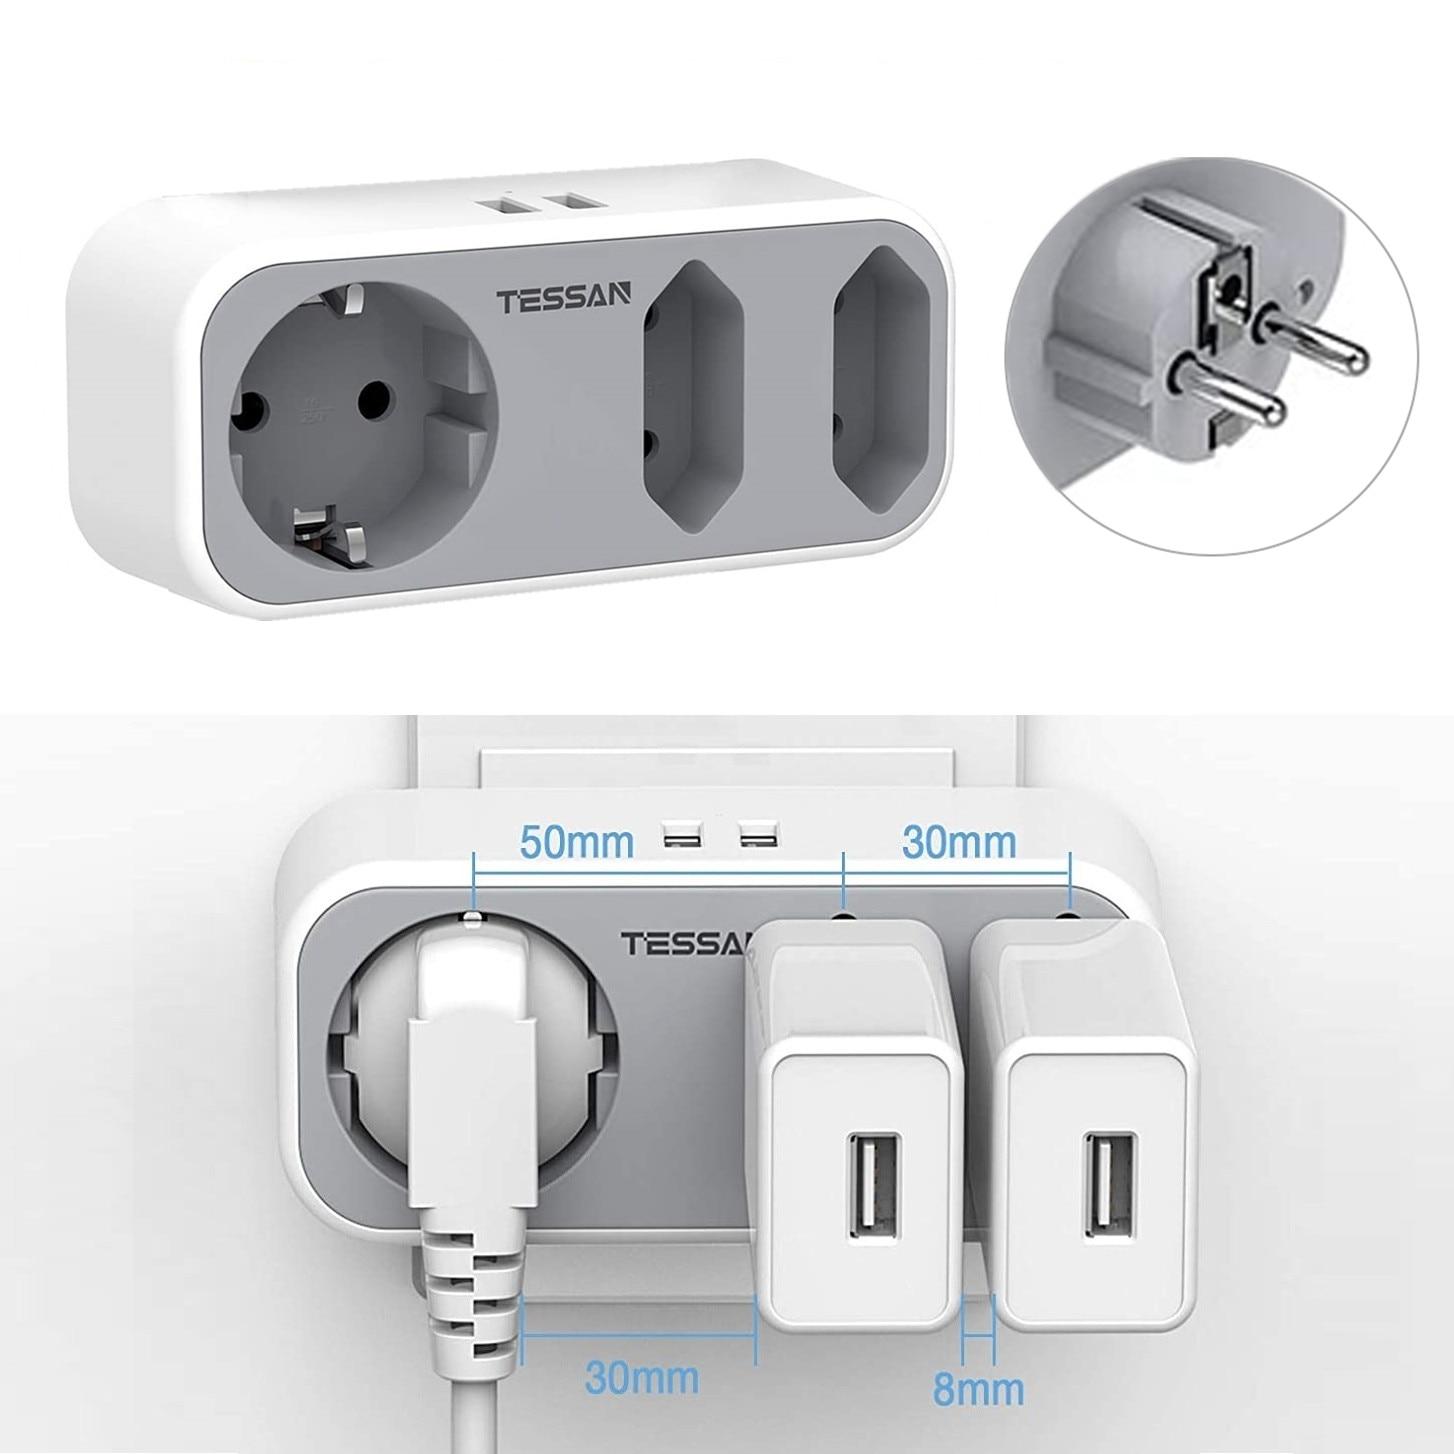 TESSAN-Alargador de Enchufe eléctrico portátil, 3 salidas y 2 salidas de salida...